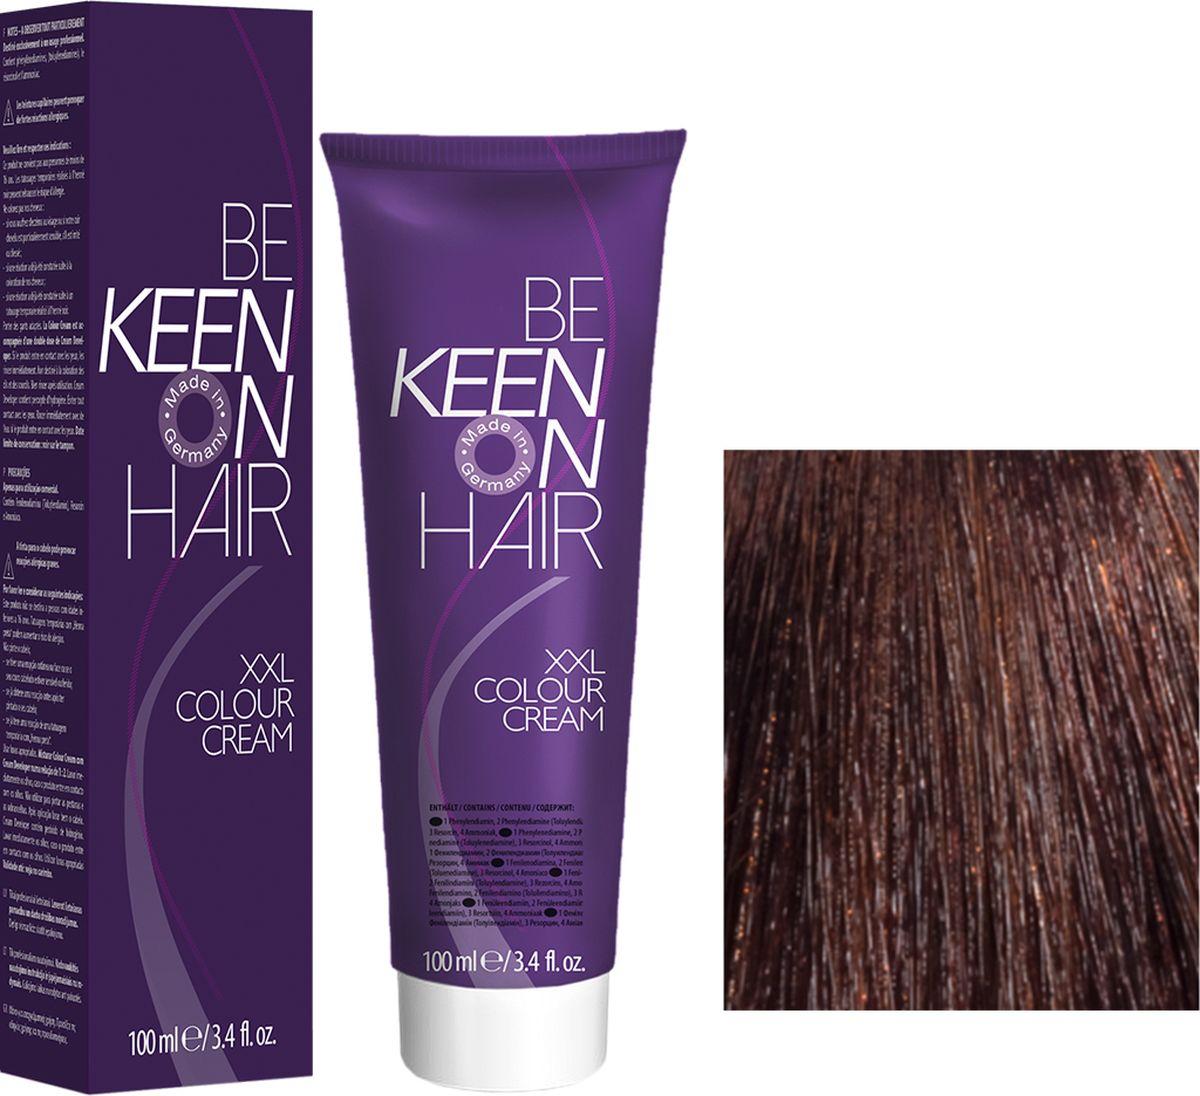 Keen Краска для волос 5.6 Слива Pflaume, 100 мл69100028Модные оттенкиБолее 100 оттенков для креативной комбинации цветов.ЭкономичностьПри использовании тюбика 100 мл вы получаете оптимальное соотношение цены и качества!УходМолочный белок поддерживает структуру волоса во время окрашивания и придает волосам блеск и шелковистость. Протеины хорошо встраиваются в волосы и снабжают их влагой.